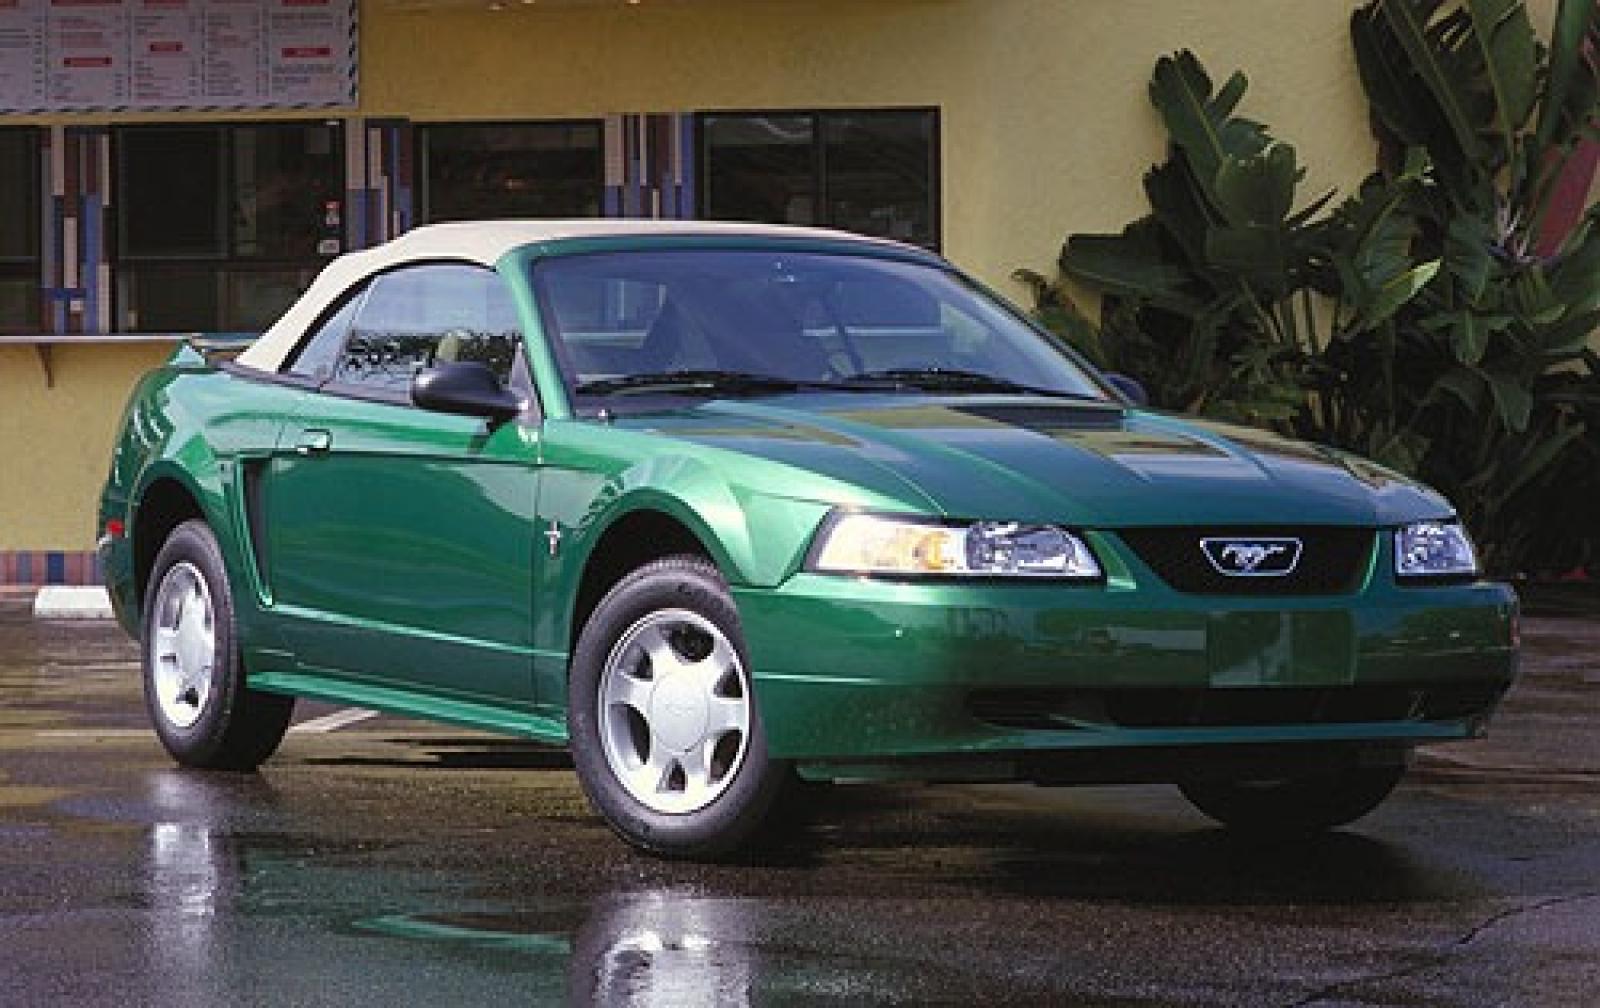 ... 2000 Ford Mustang GT 2dr interior #3 800 1024 1280 1600 origin ...